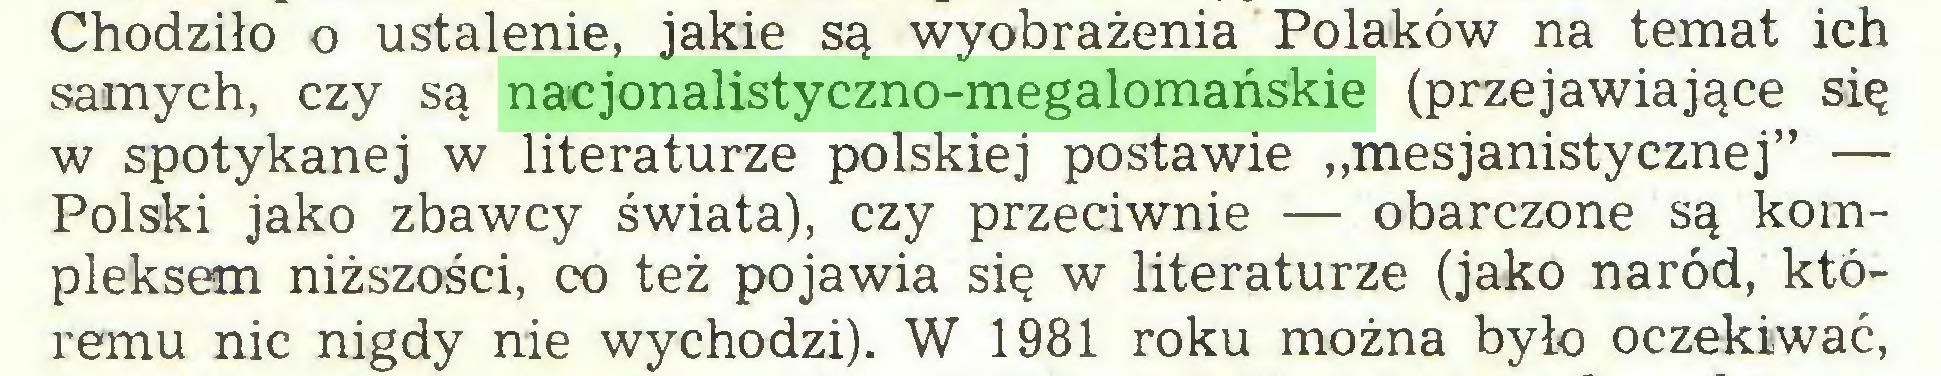 """(...) Chodziło o ustalenie, jakie są wyobrażenia Polaków na temat ich samych, czy są nacjonalistyczno-megalomańskie (przejawiające się w spotykanej w literaturze polskiej postawie """"mesjanistycznej"""" — Polski jako zbawcy świata), czy przeciwnie — obarczone są kompleksem niższości, co też pojawia się w literaturze (jako naród, któremu nic nigdy nie wychodzi). W 1981 roku można było oczekiwać,..."""